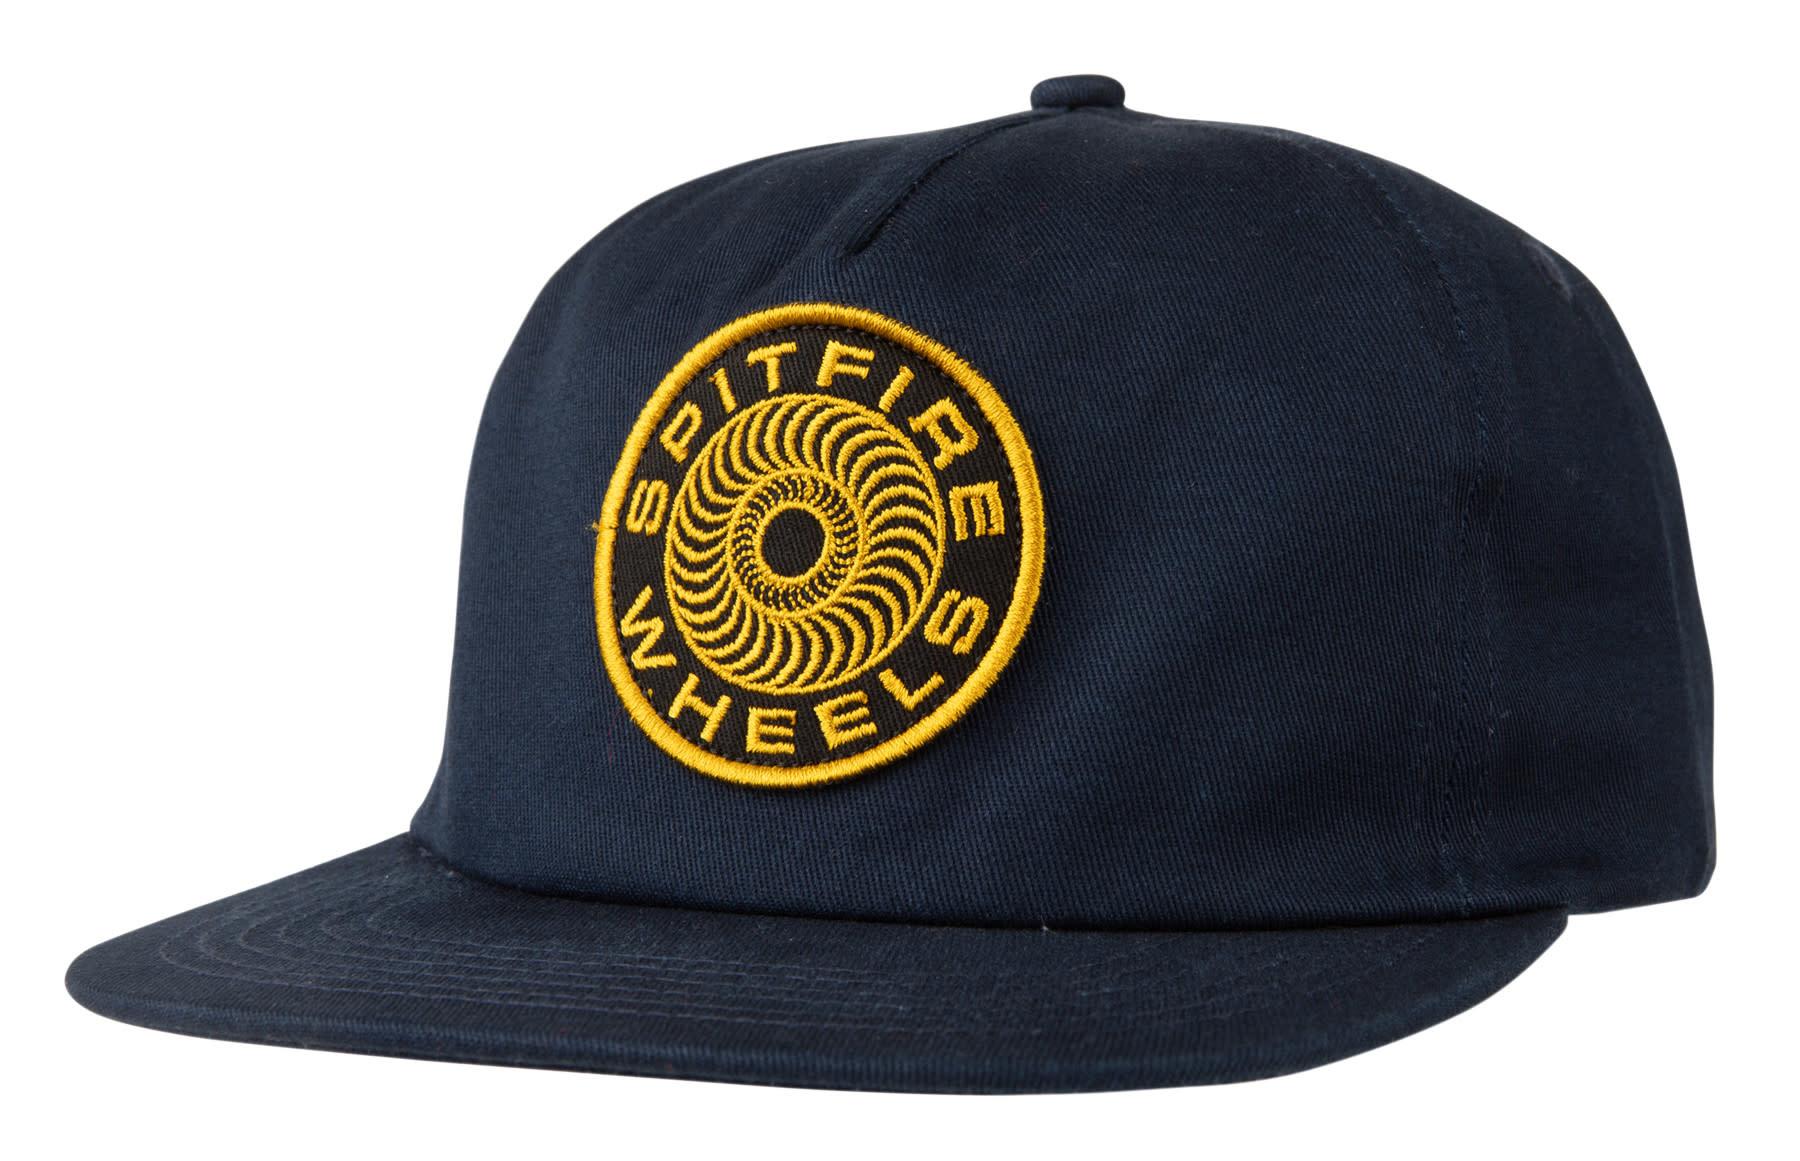 Spitfire Spitfire Classic '87 Swirl Snapback Hat - Navy/Gold